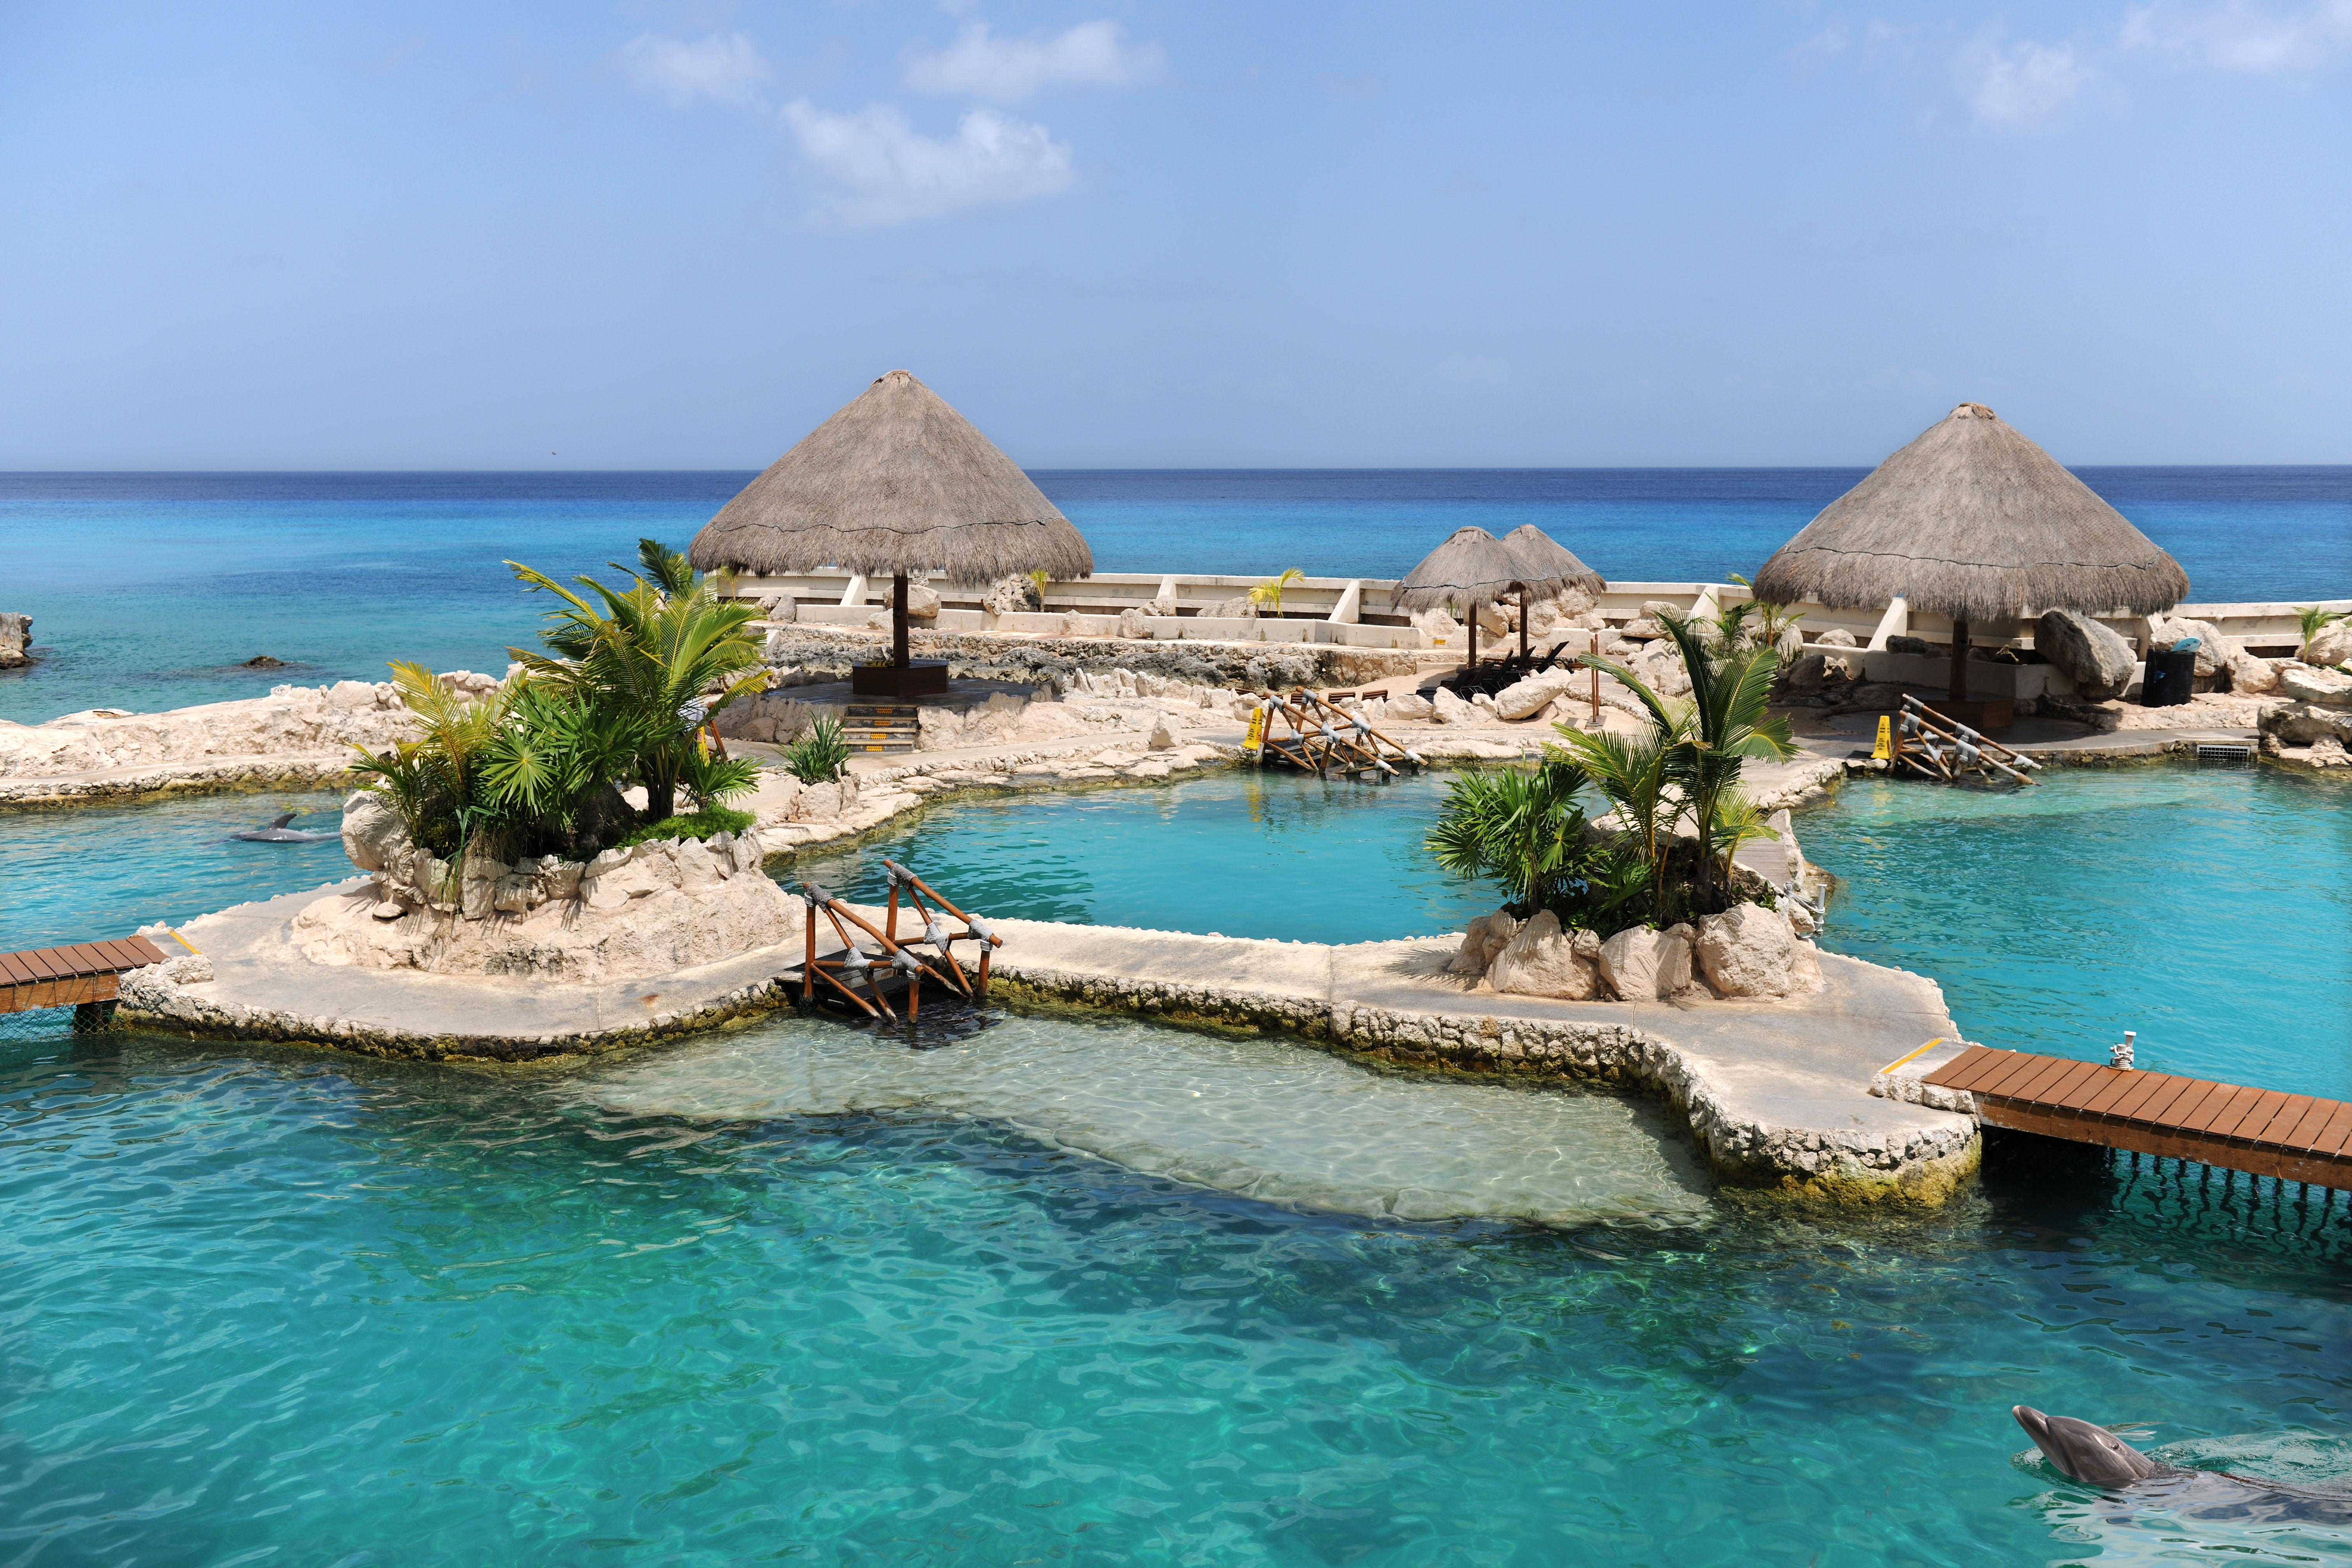 A ilha de Cozumel está a 50 quilômetros de Cancún, no Mar do Caribe, e recebe cerca de 300 mil turistas ao ano / GB Imagem